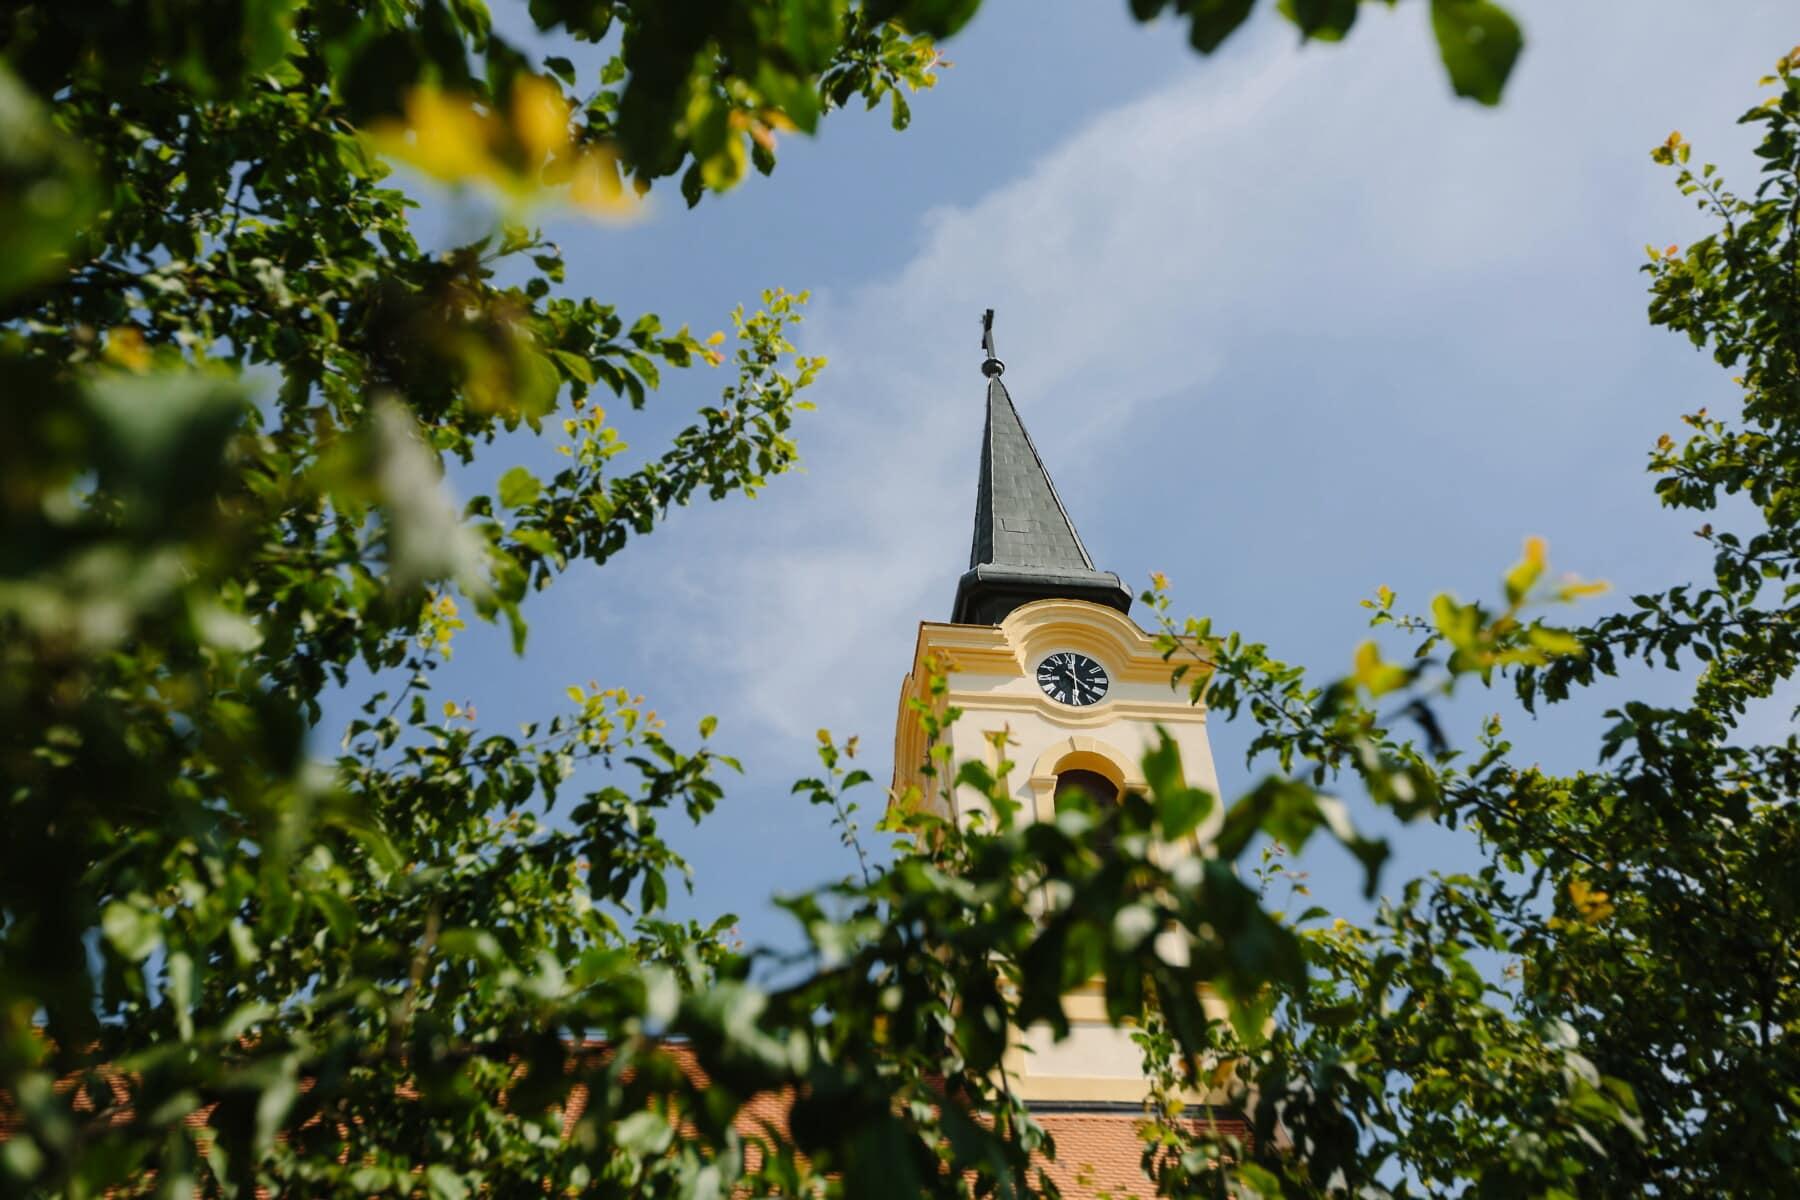 Kirche, Kirchturm, gelblich, Fassade, Kreuz, Entfernung, Analoguhr, kathedrale, Architektur, Gebäude